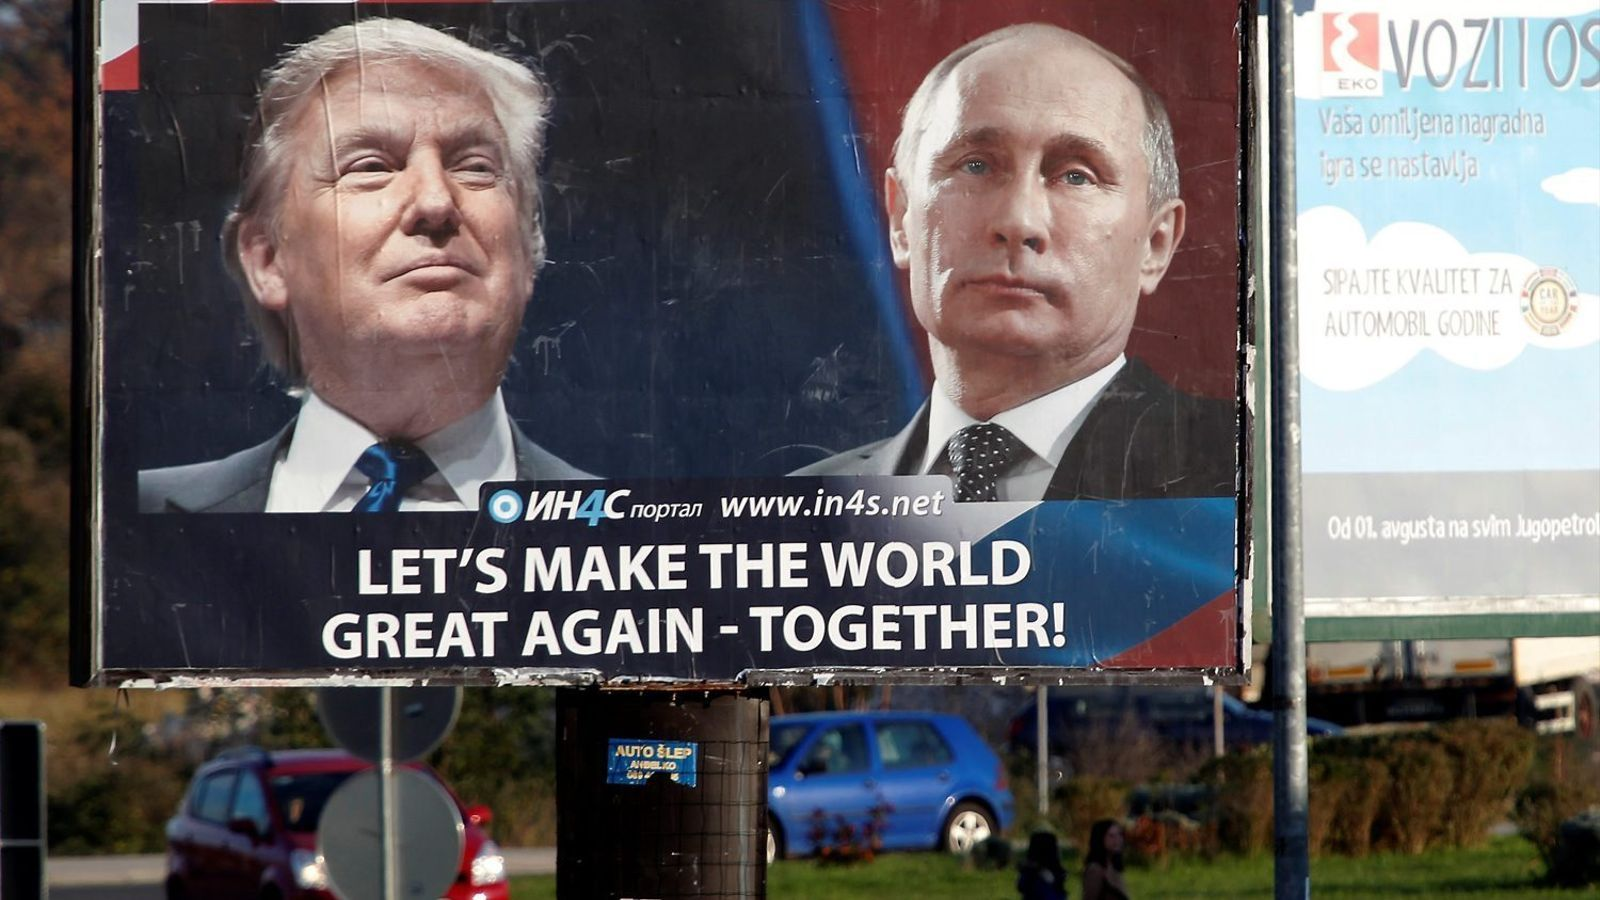 """Publicitat d'un portal de notícies a Danilovgrad, Montenegro: Trump i Putin i el lema """"Tornem fer gran el món, junts!"""""""